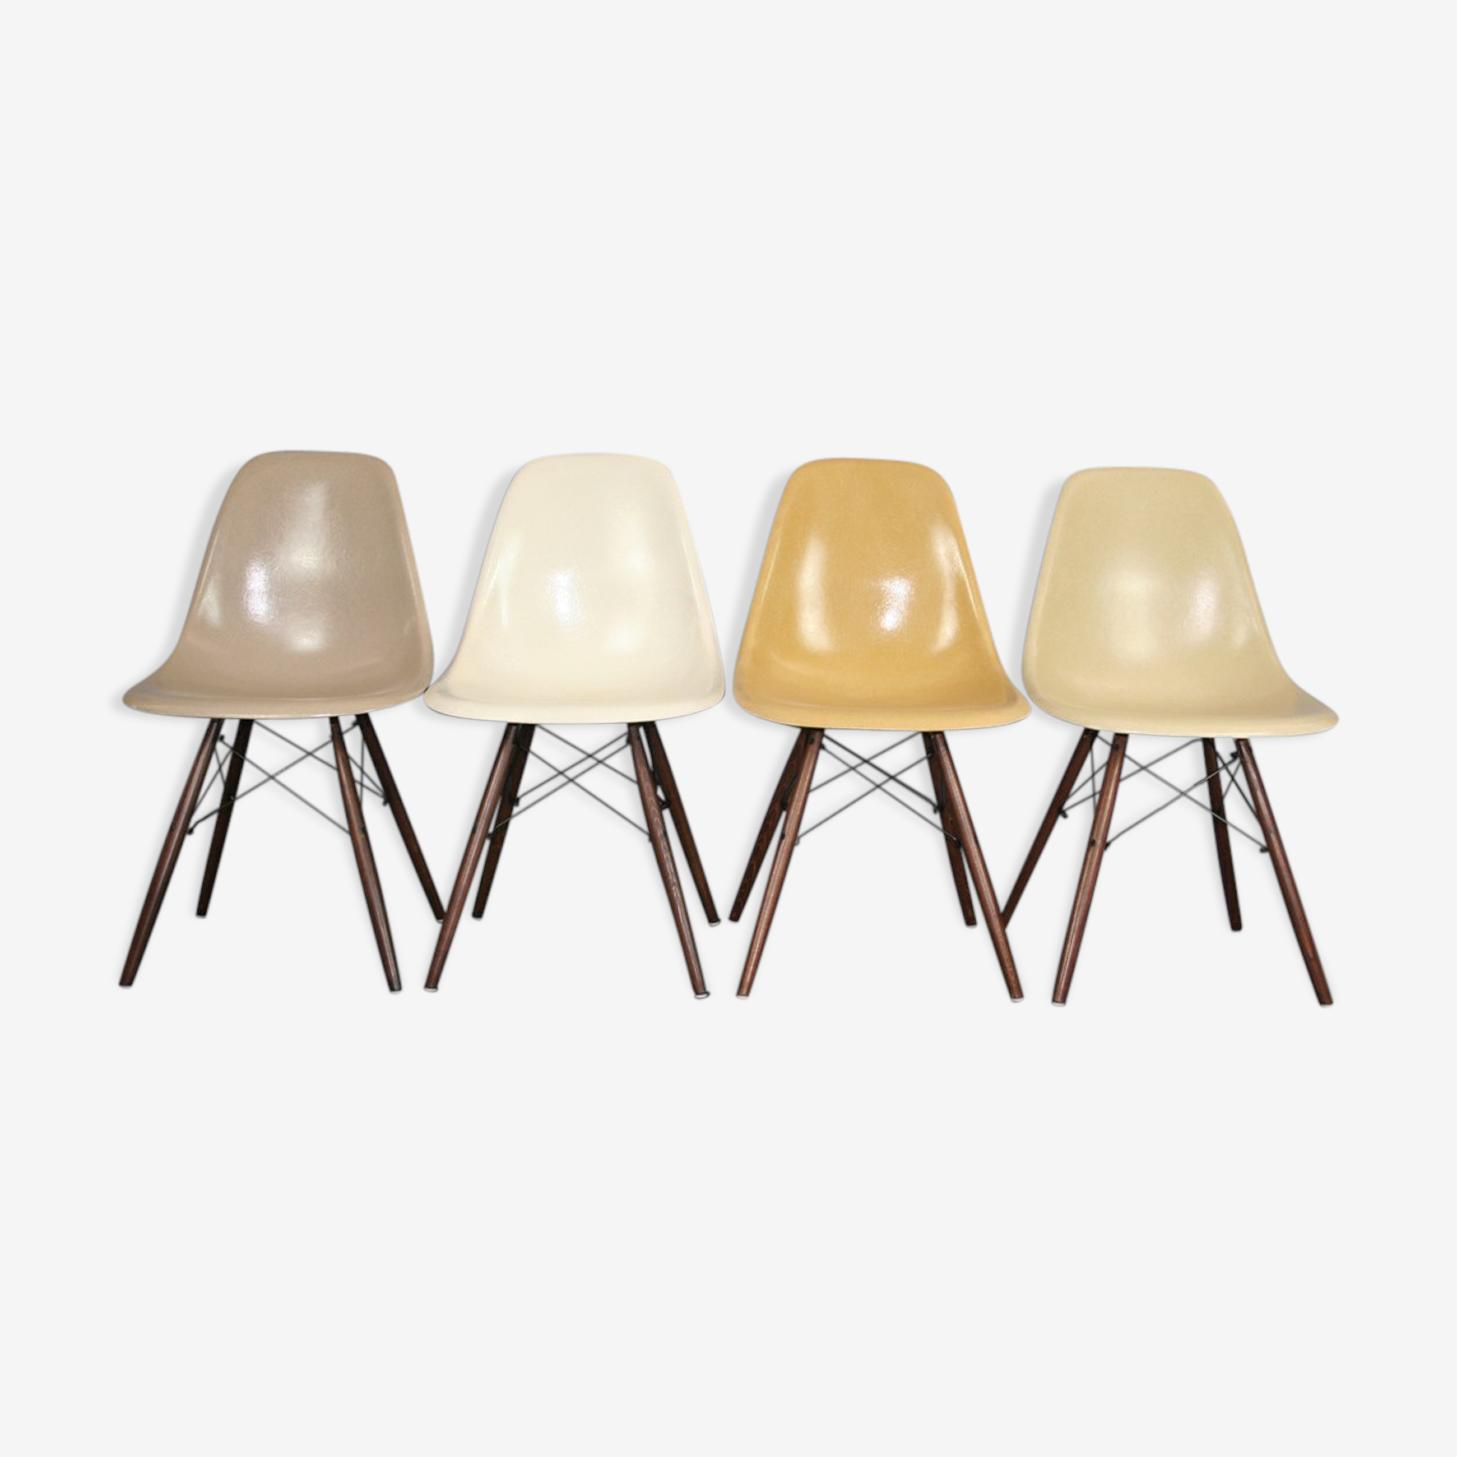 Lot 4 chaises DSW en fibre et noyer par Eames Herman Miller